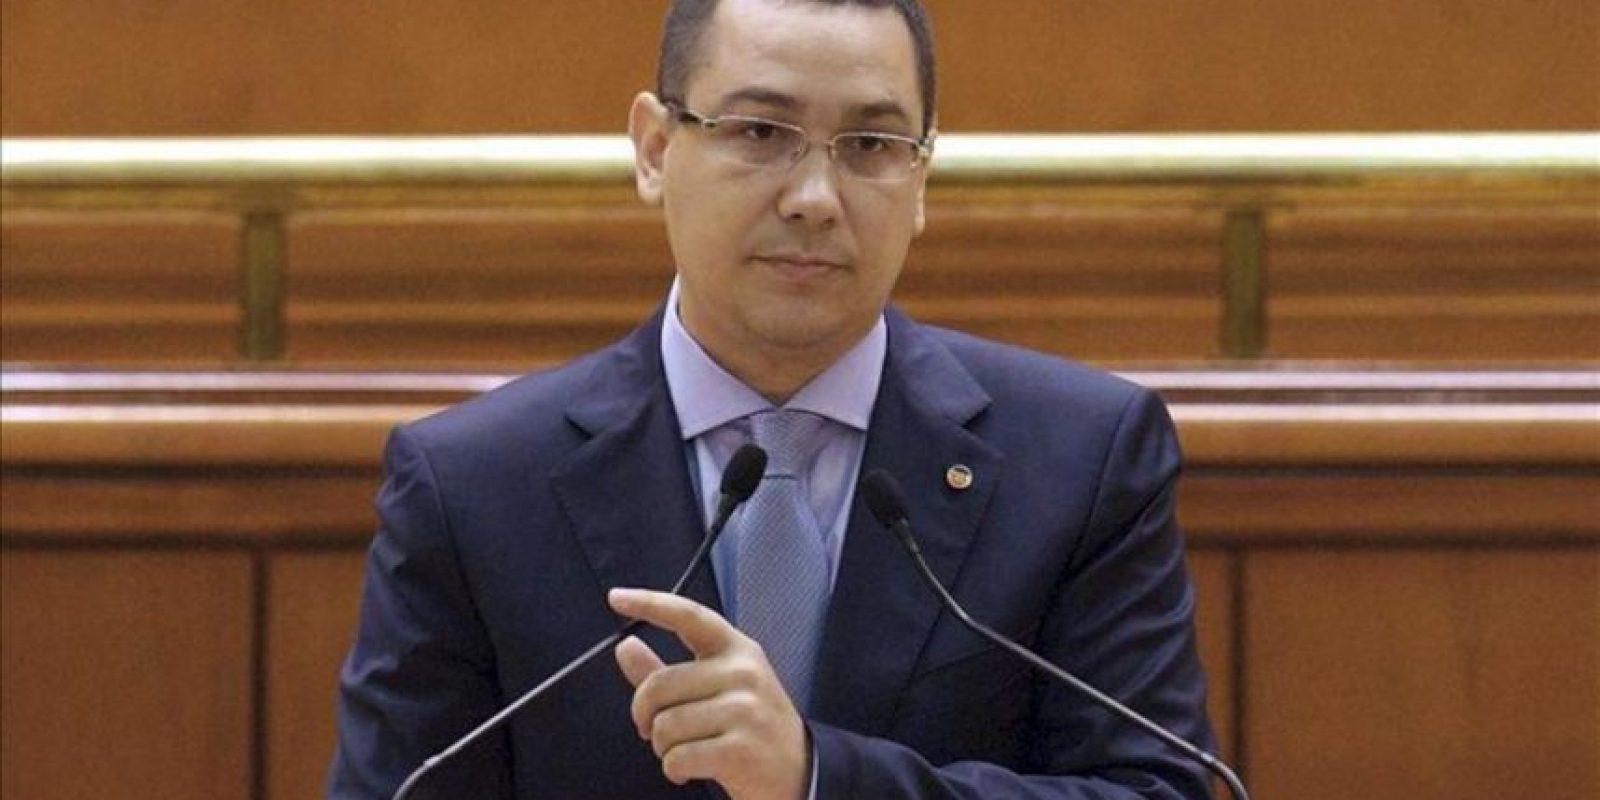 El líder de la oposición rumano Victor Ponta interviene en una sesión parlamentaria, en Bucarest, Rumanía. EFE